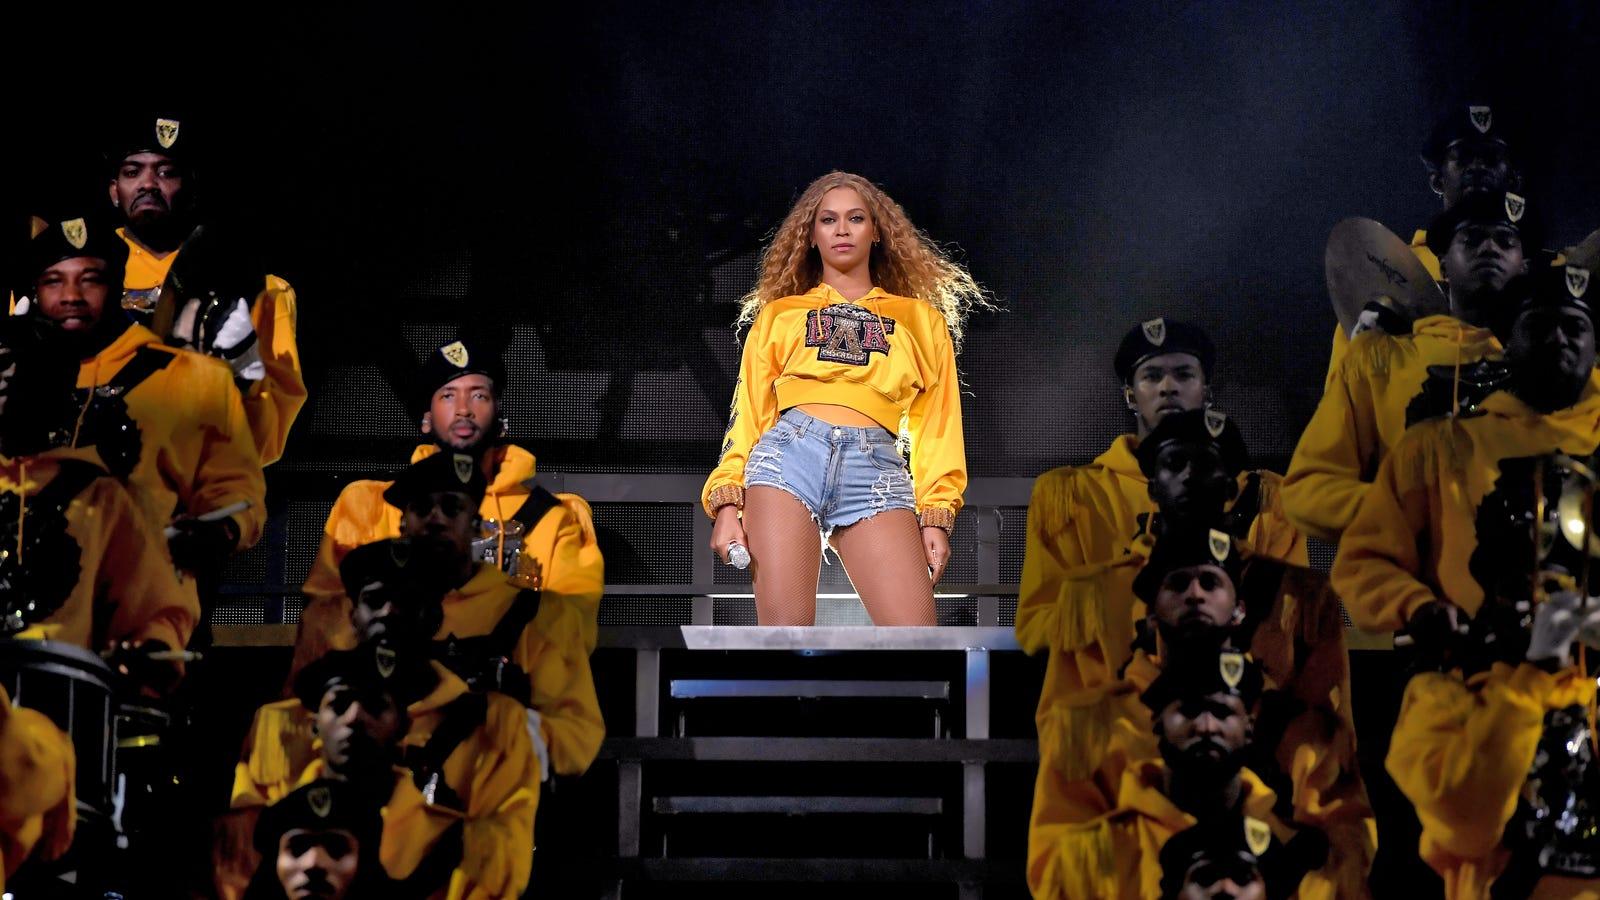 Beyoncé Announces Scholarships for HBCUs Following Historic, Iconic Coachella Performance